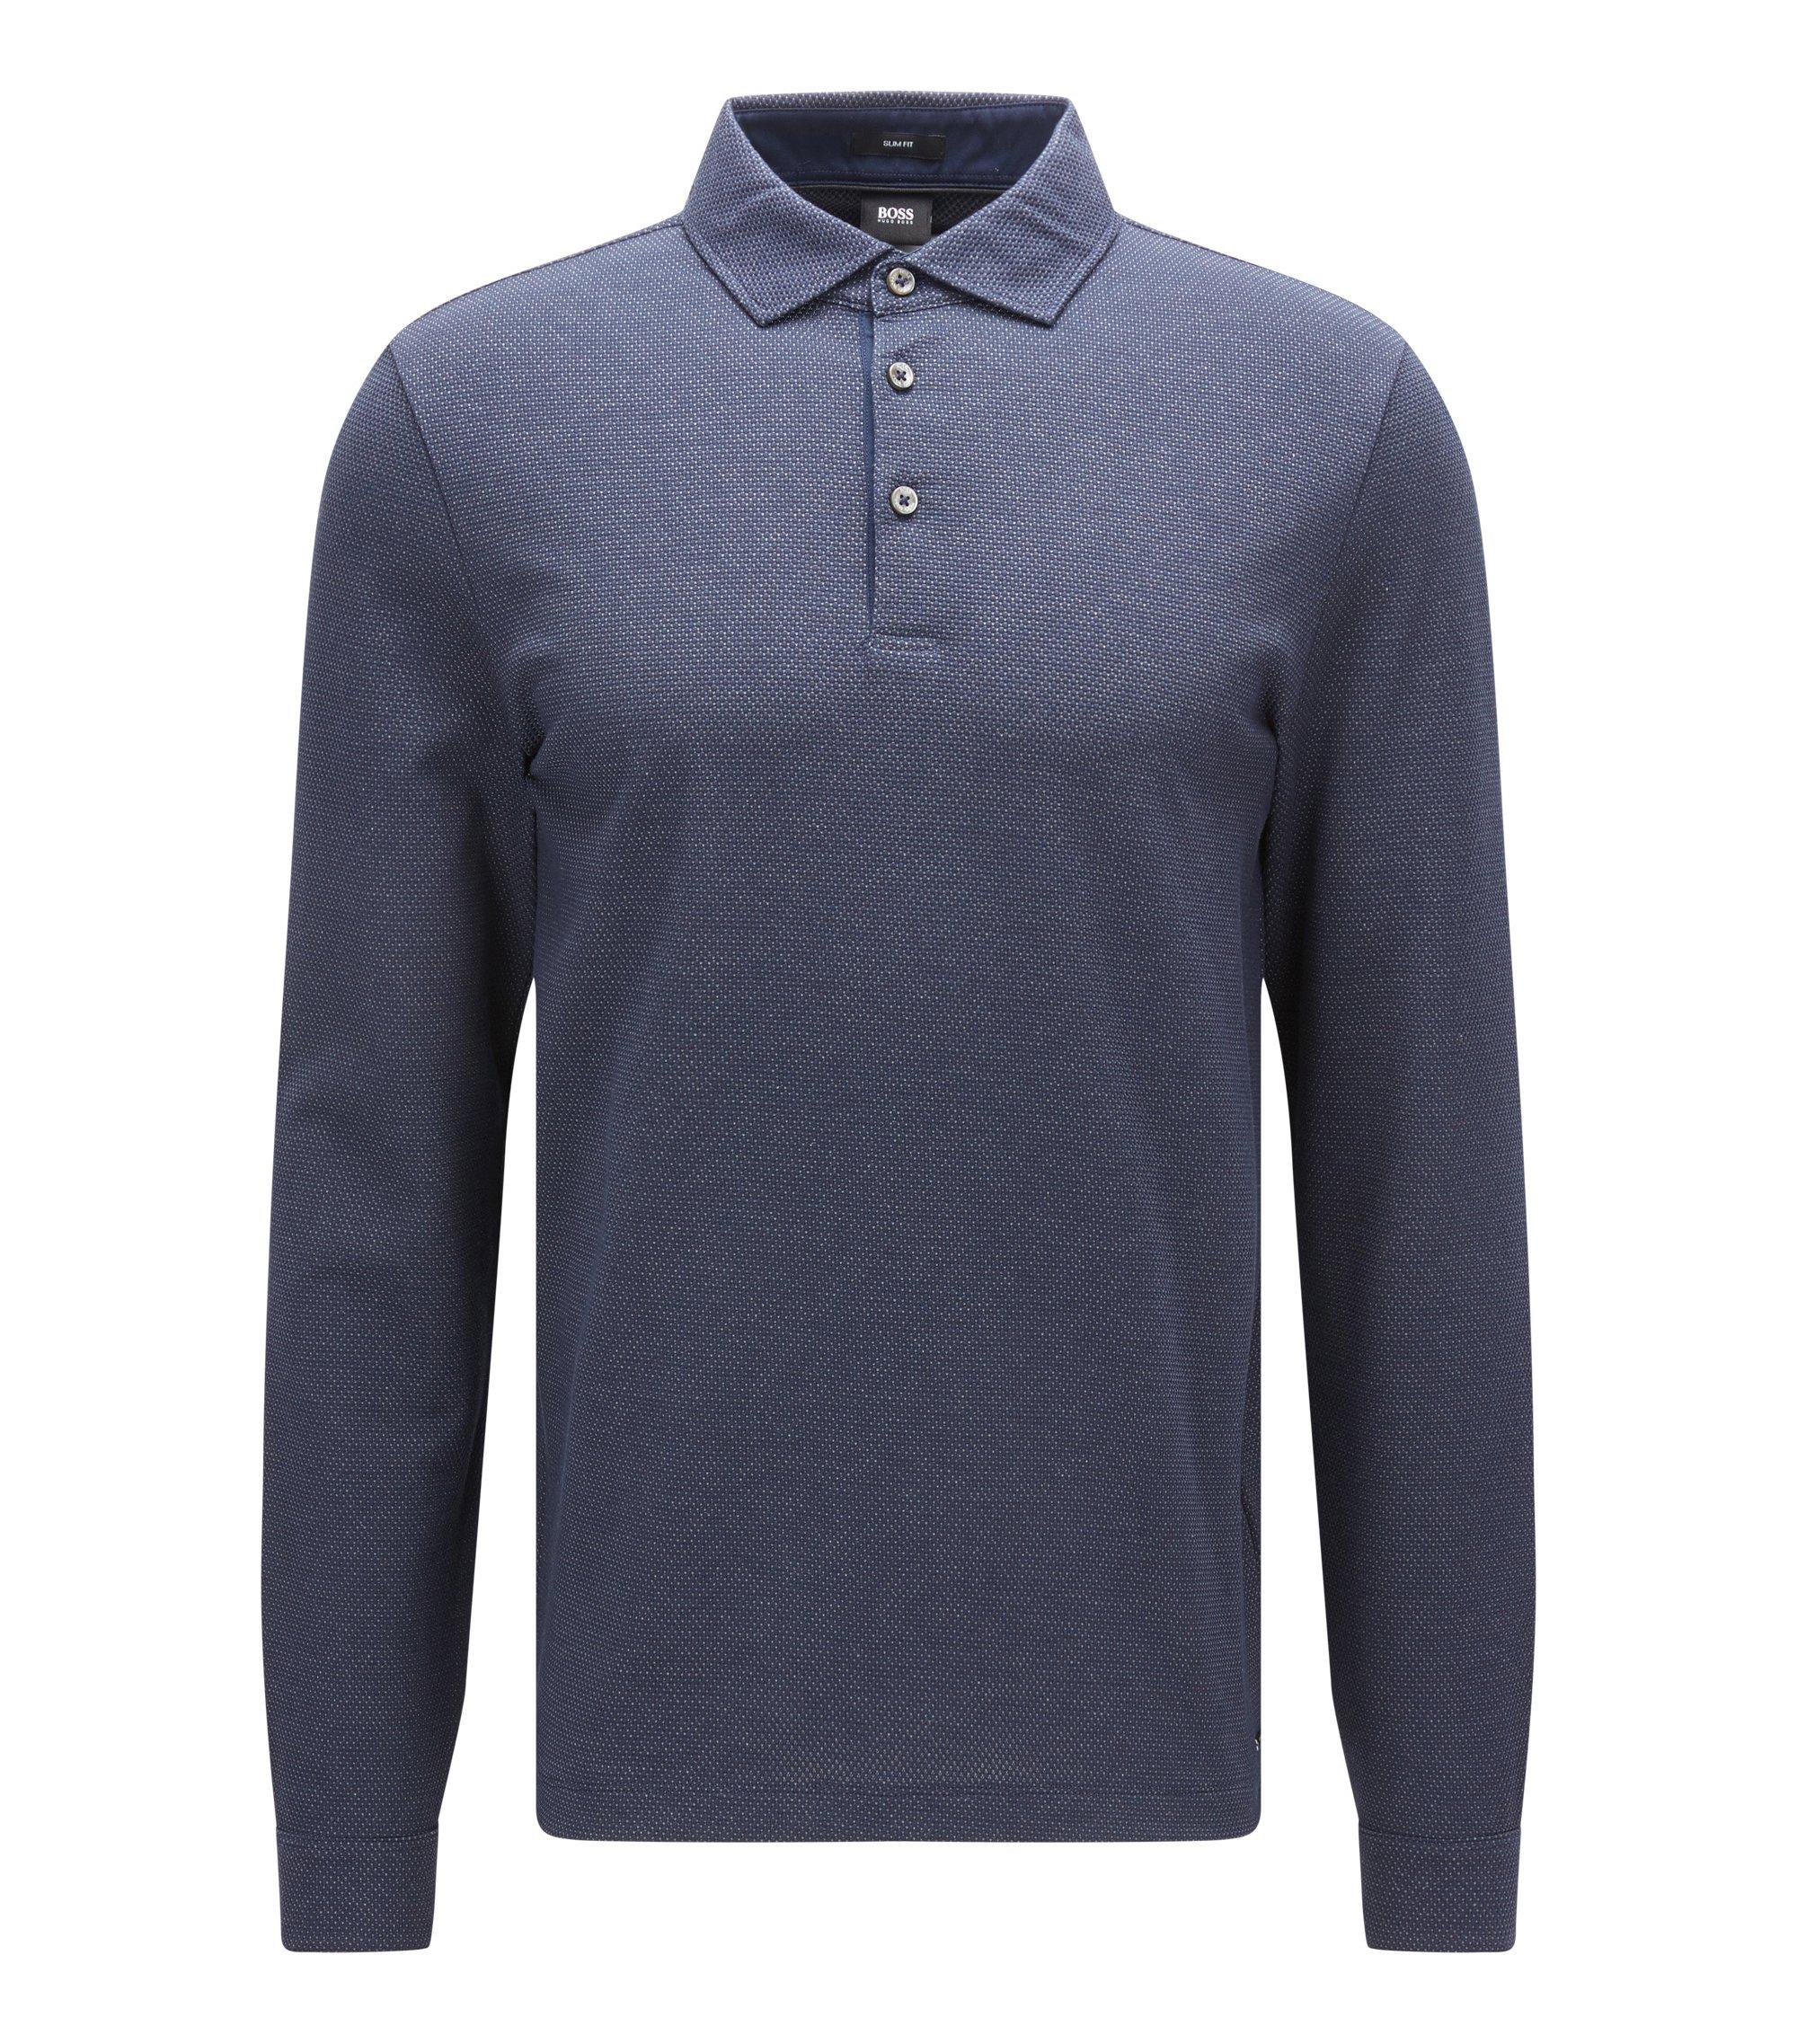 Polo slim fit a maniche lunghe in cotone jacquard bicolore, Blu scuro